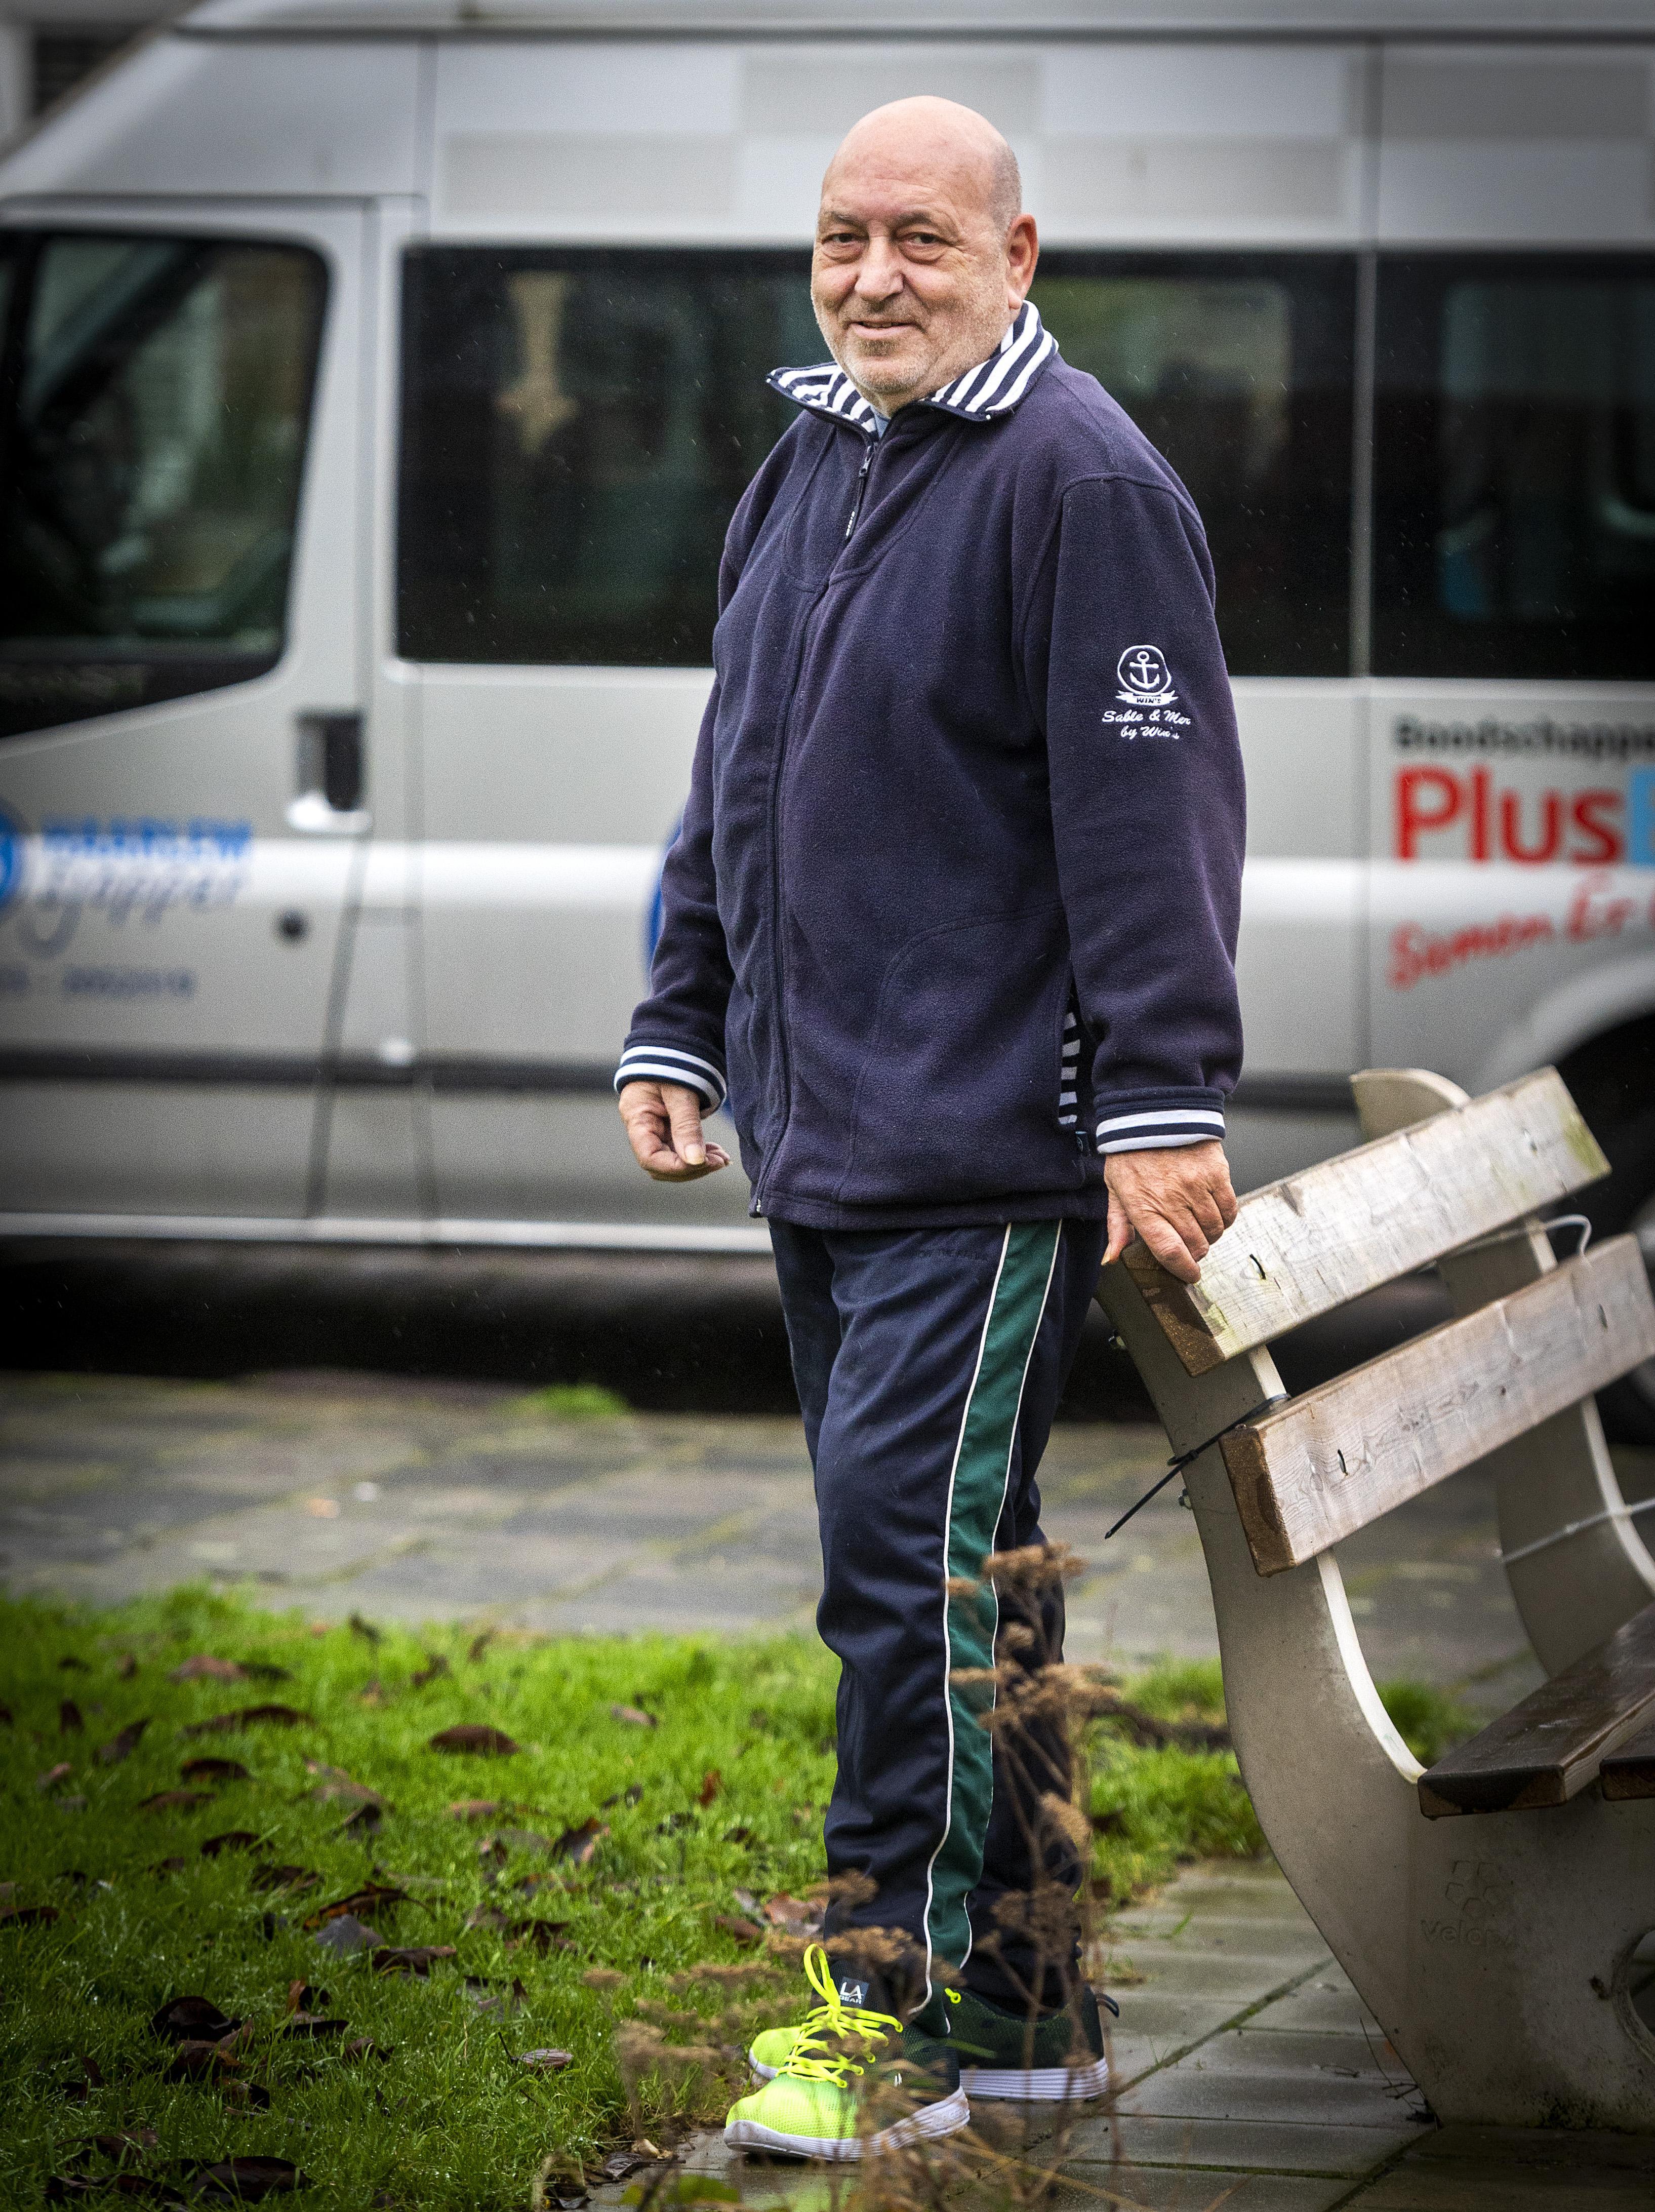 'Ik haal mensen achter de geraniums vandaan': Dick Klootwijk zorgt voor de minderbedeelden in de Haarlemse Slachthuisbuurt